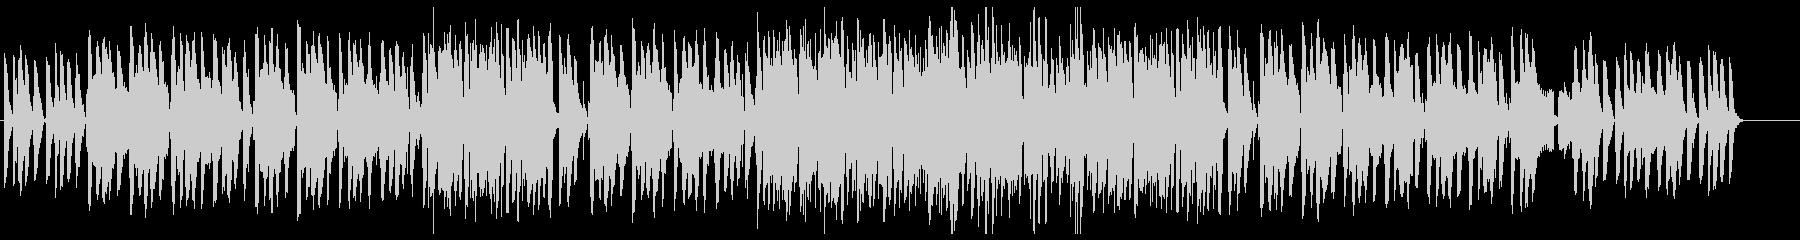 暖かい雰囲気のジャズ(カルテットver)の未再生の波形